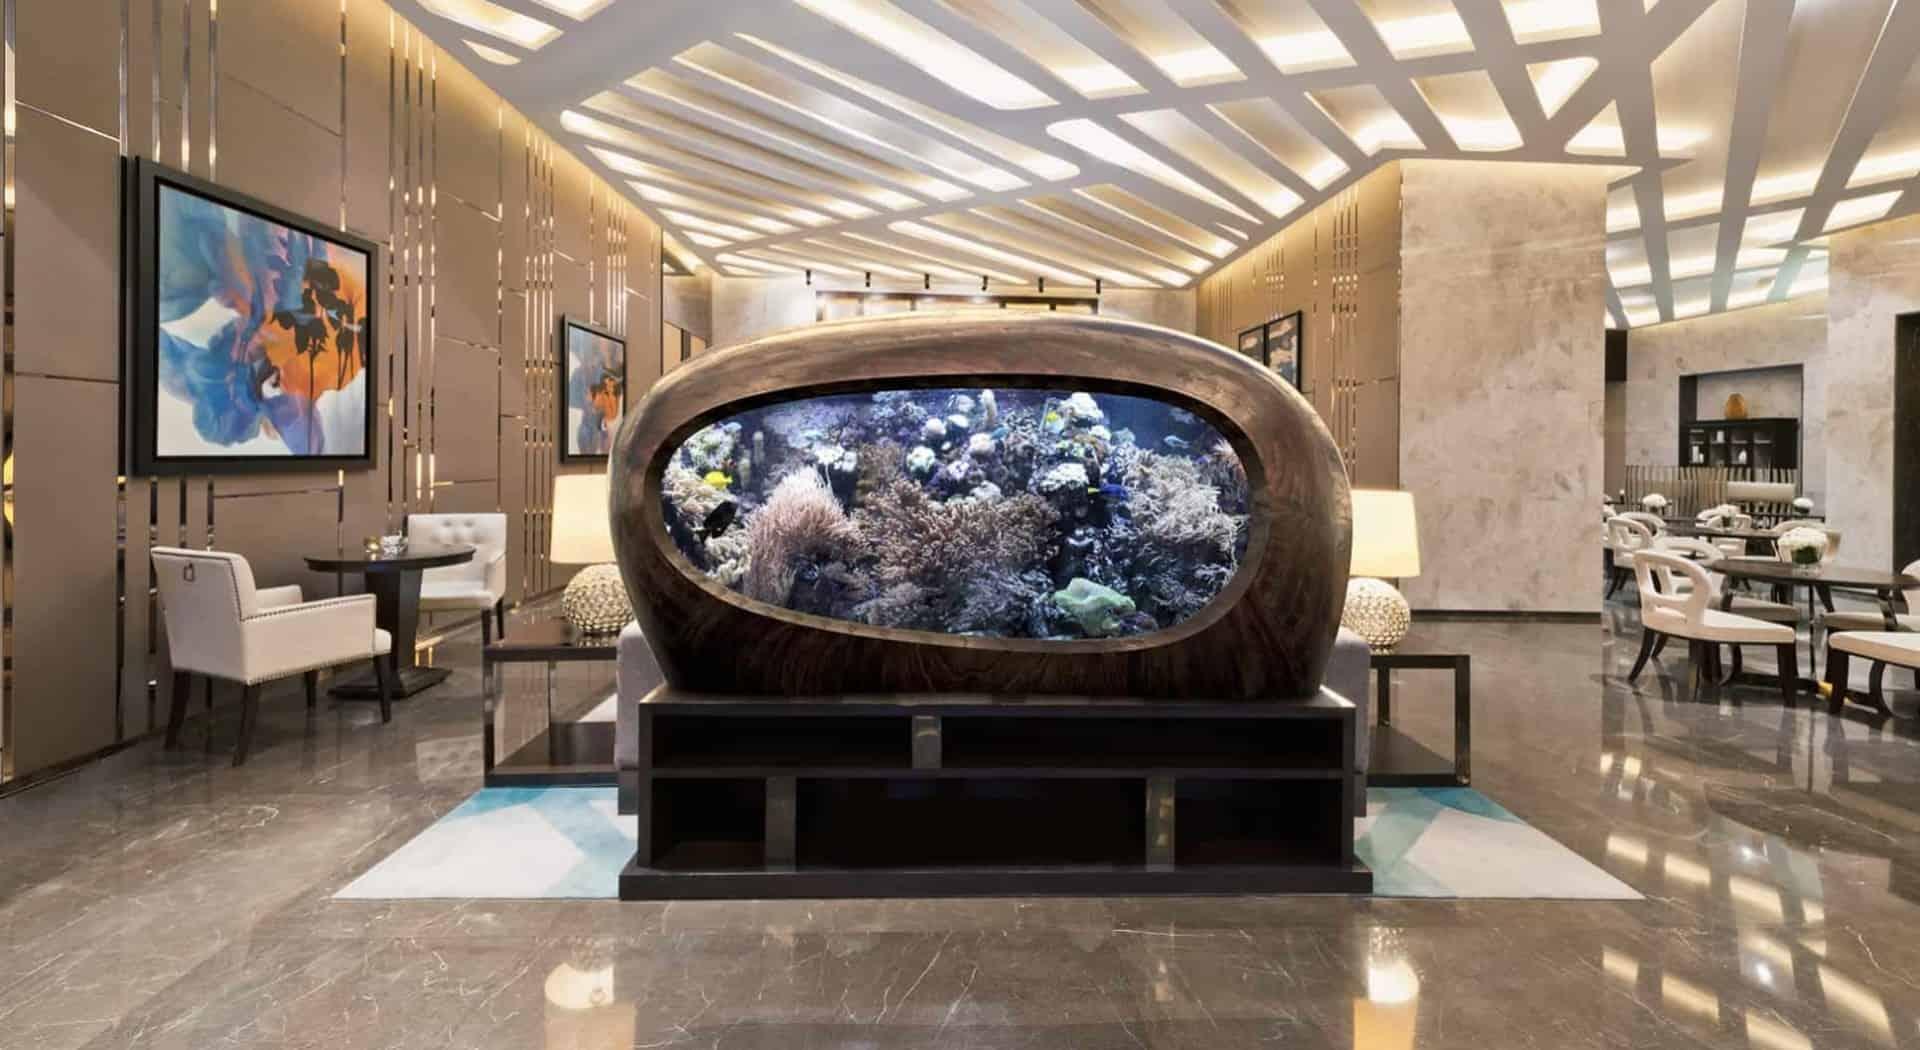 176 Was macht ein Aquarium zu einem Kunstobjekt? (David Nimke) 2